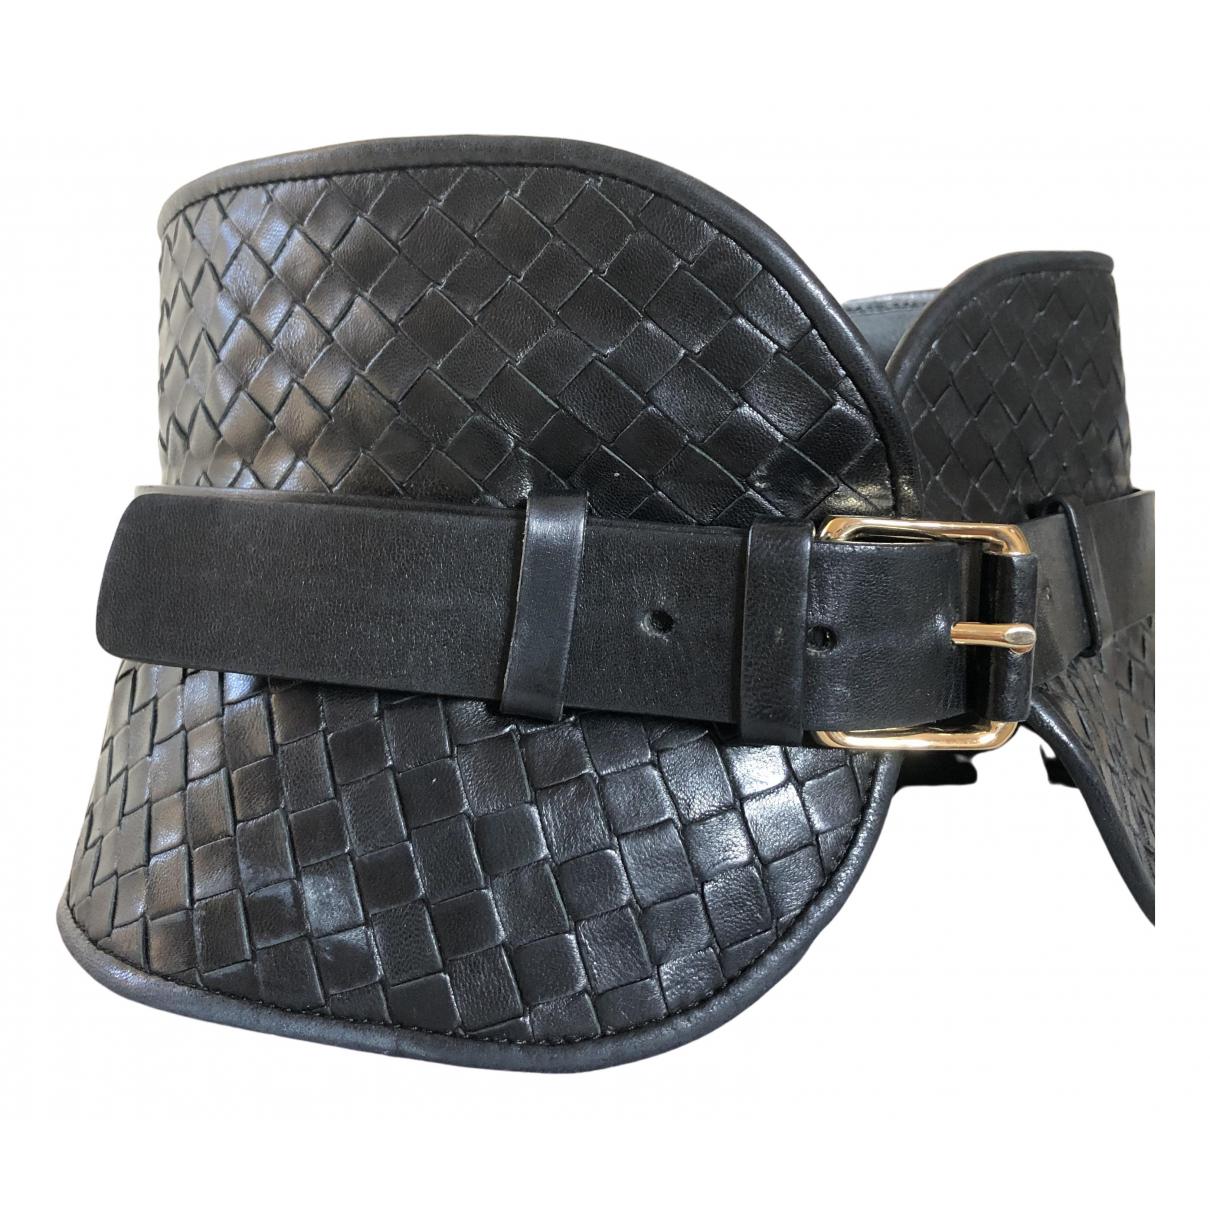 Bottega Veneta N Black Leather belt for Women 75 cm